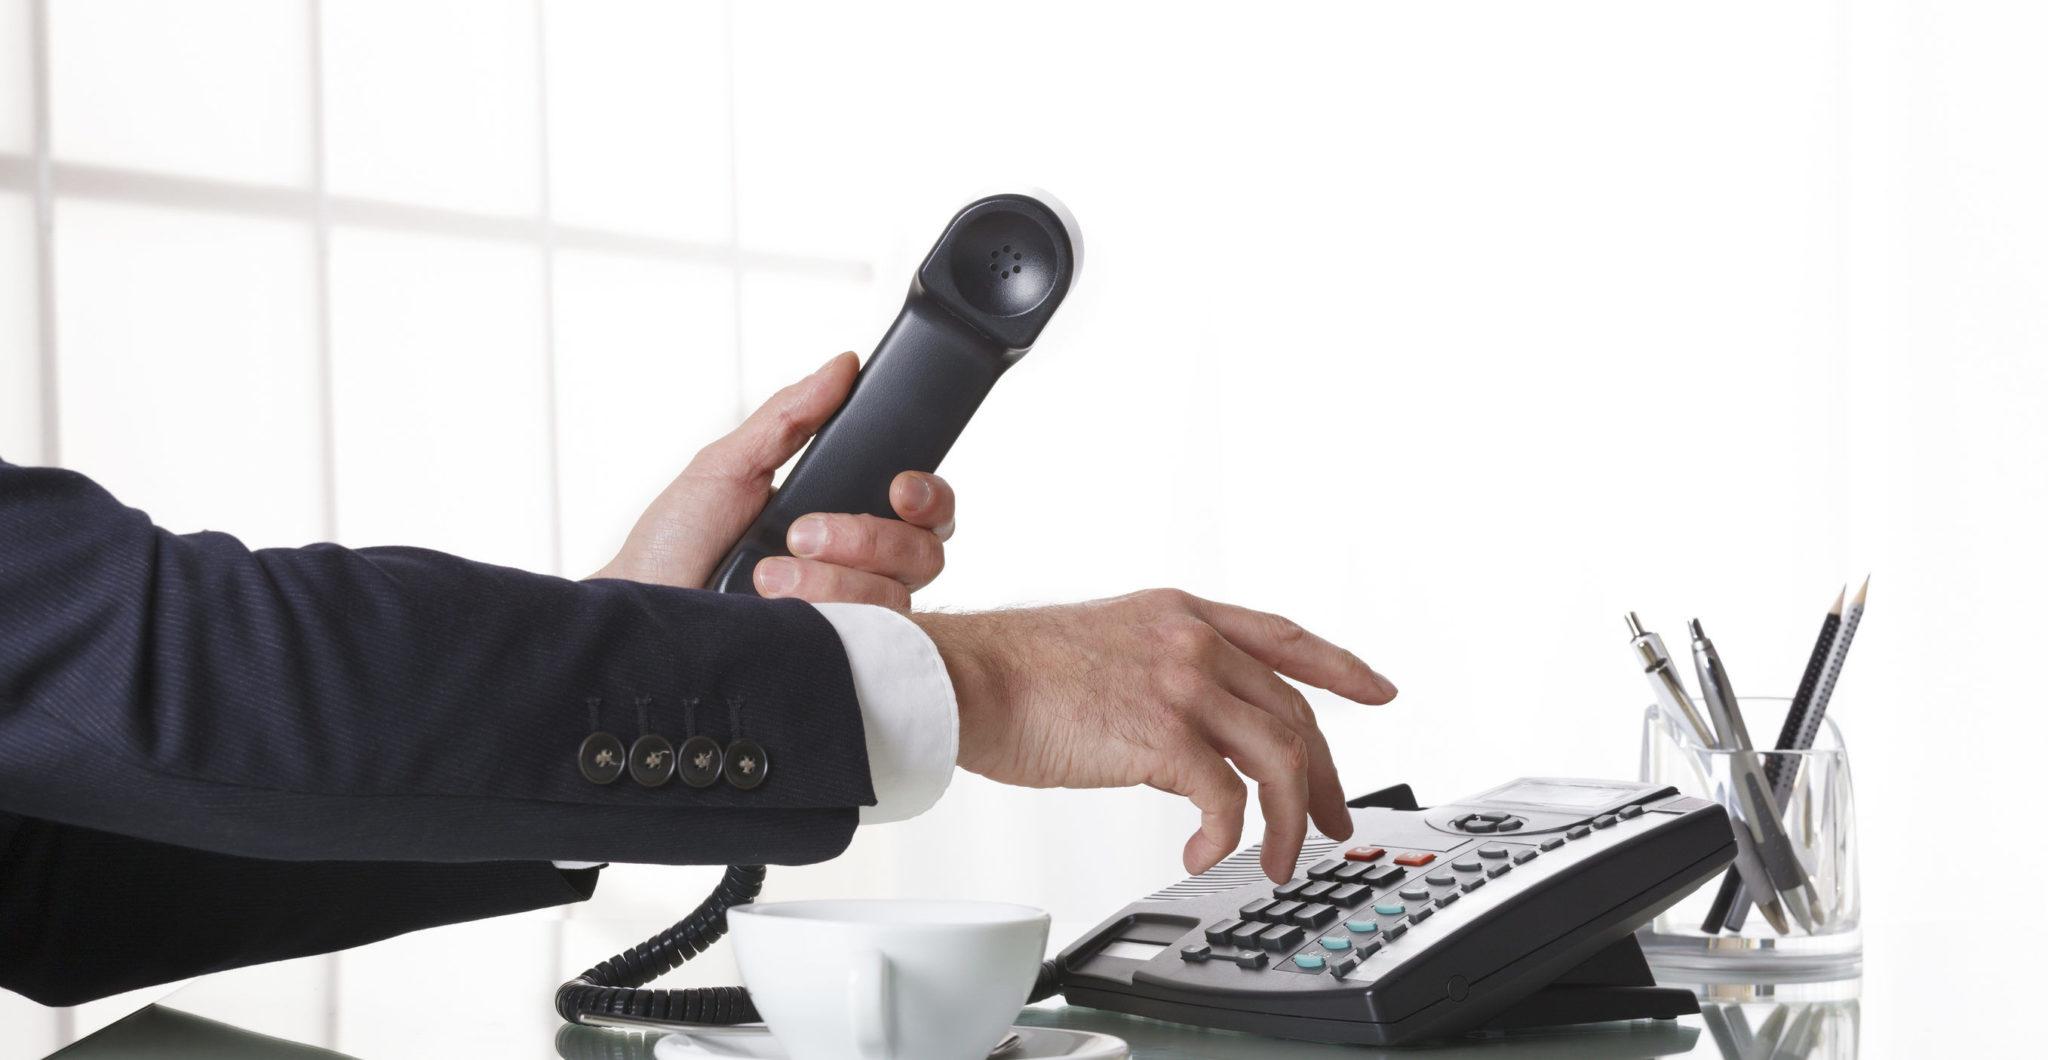 Business phones coeur d alene hayden post falls ID